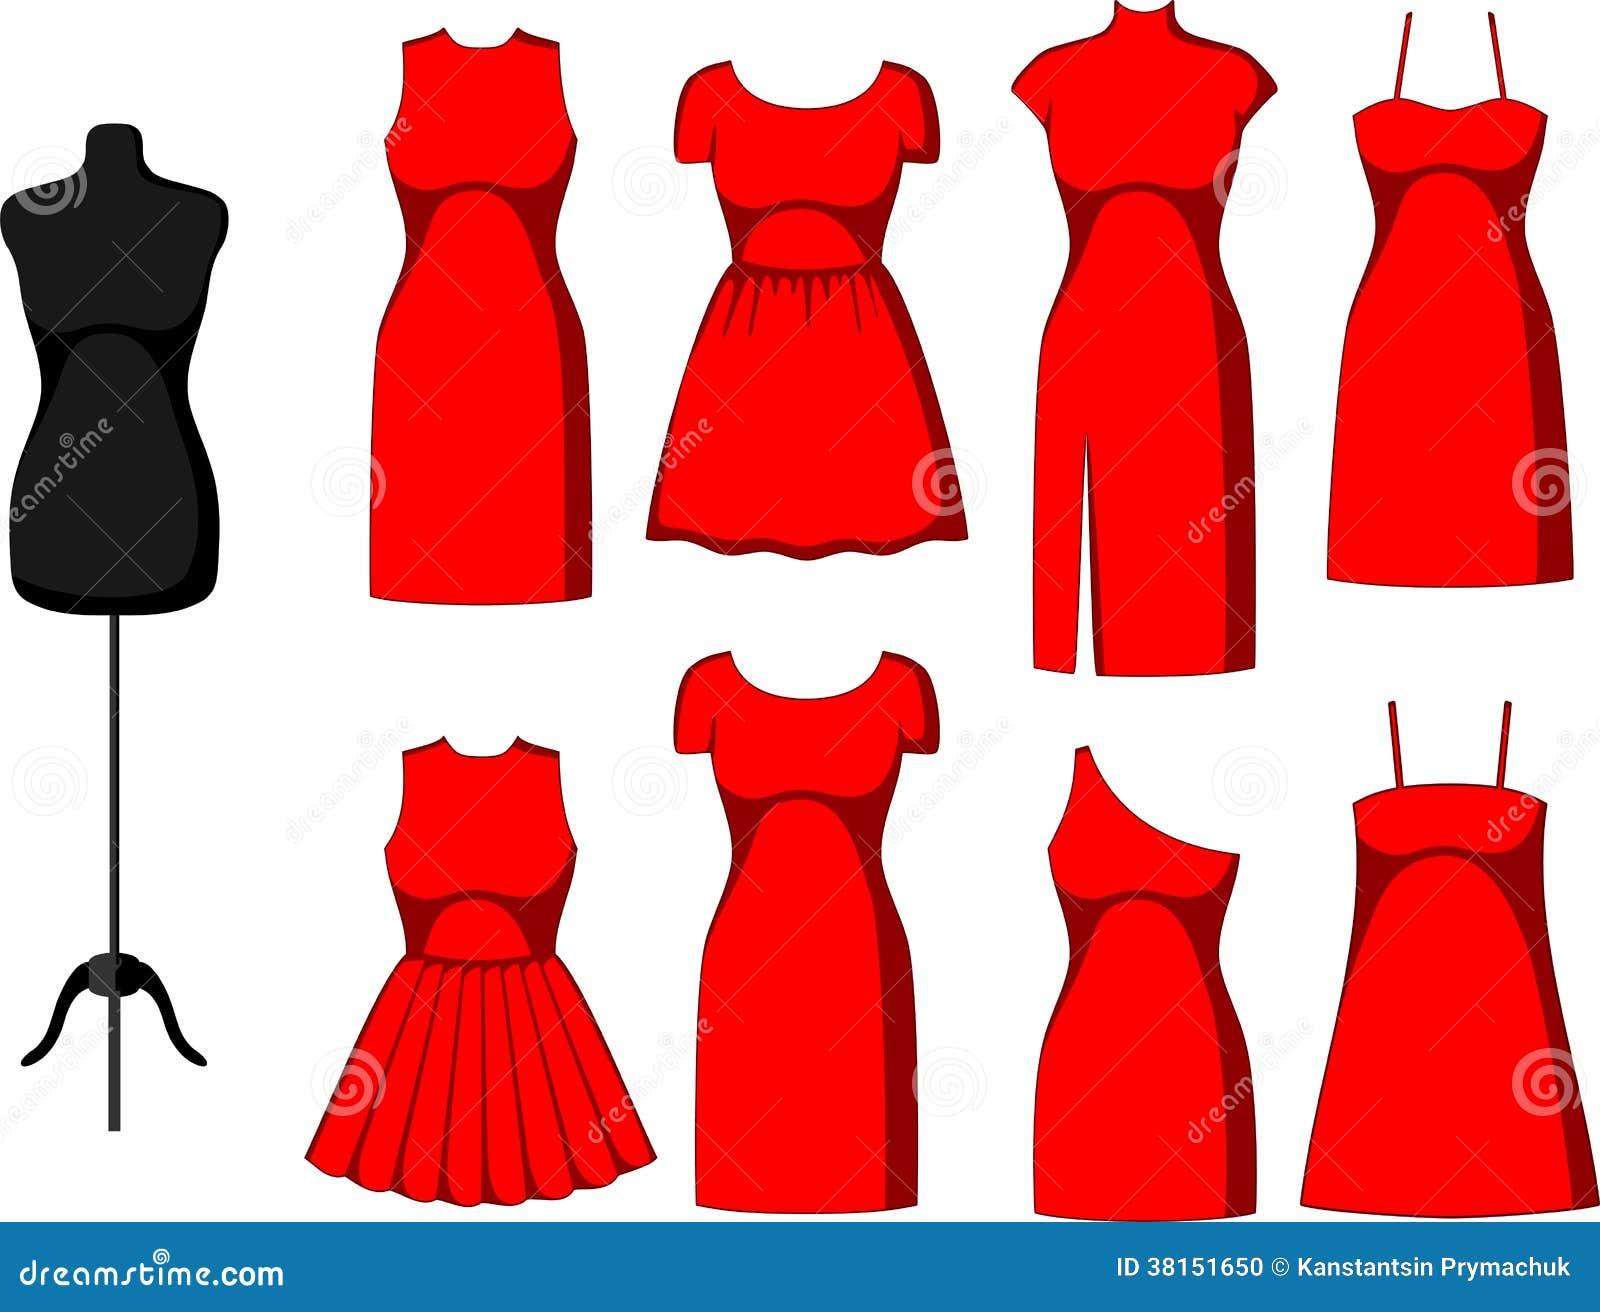 b0470c5a17d Différentes robes de cocktail et de soirée et mannequin. Illustration de  vecteur